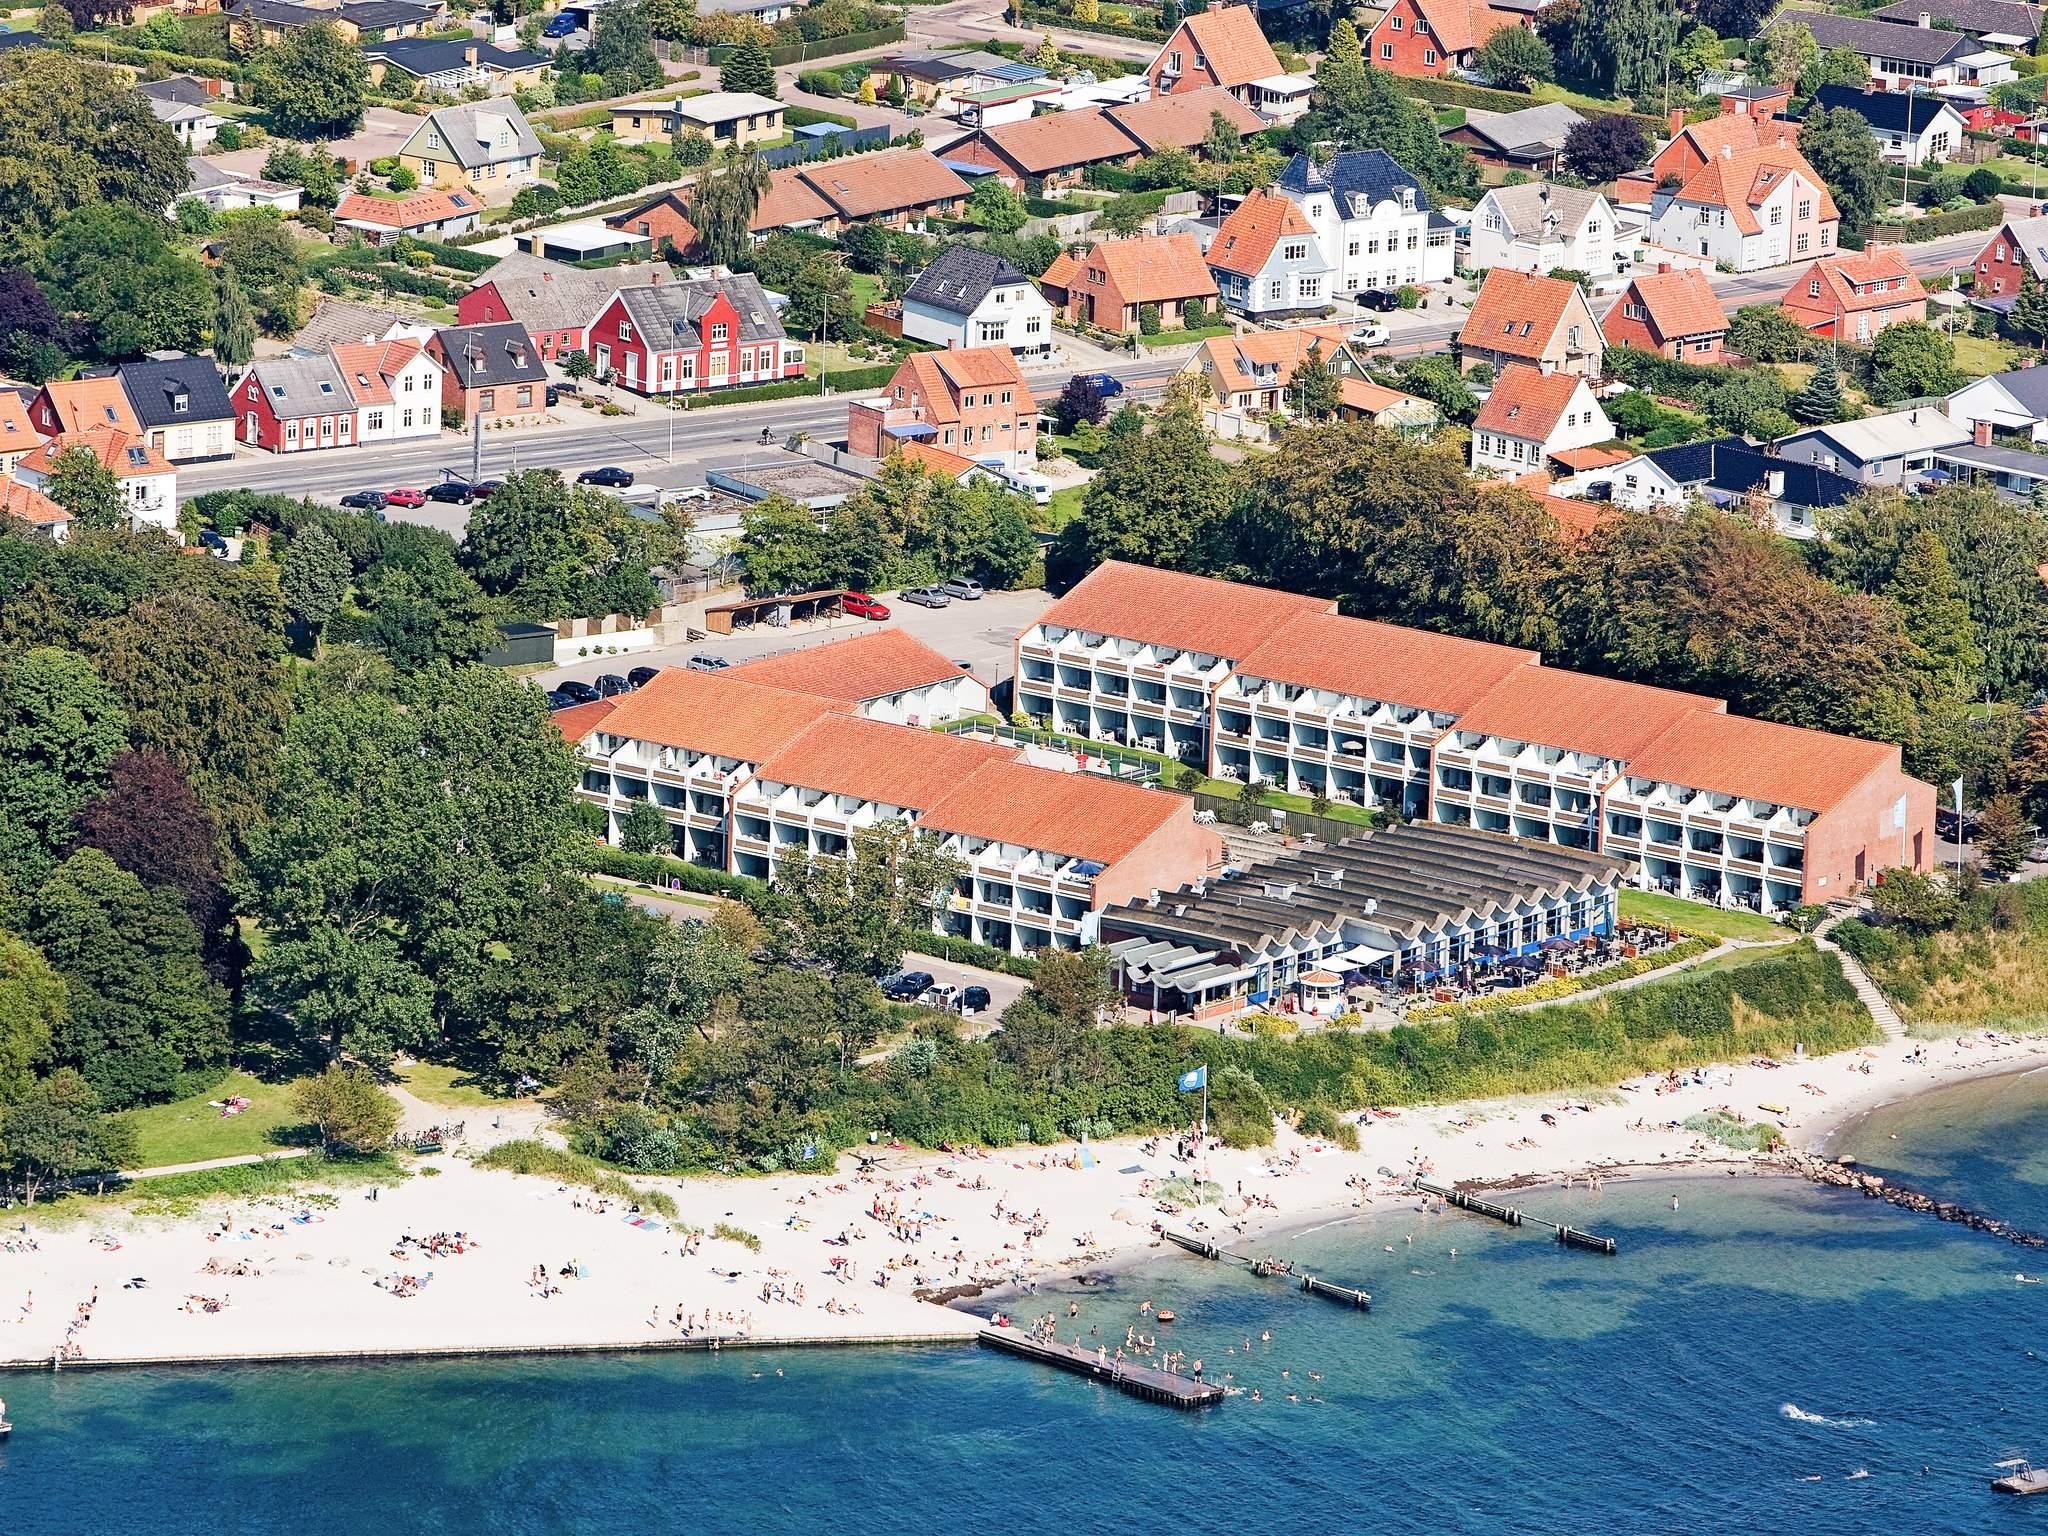 Appartement de vacances Fåborg - Typ 5 - 2 Zimmer,Erdg./1. Stock (1087166), Faaborg, , Fionie, Danemark, image 6